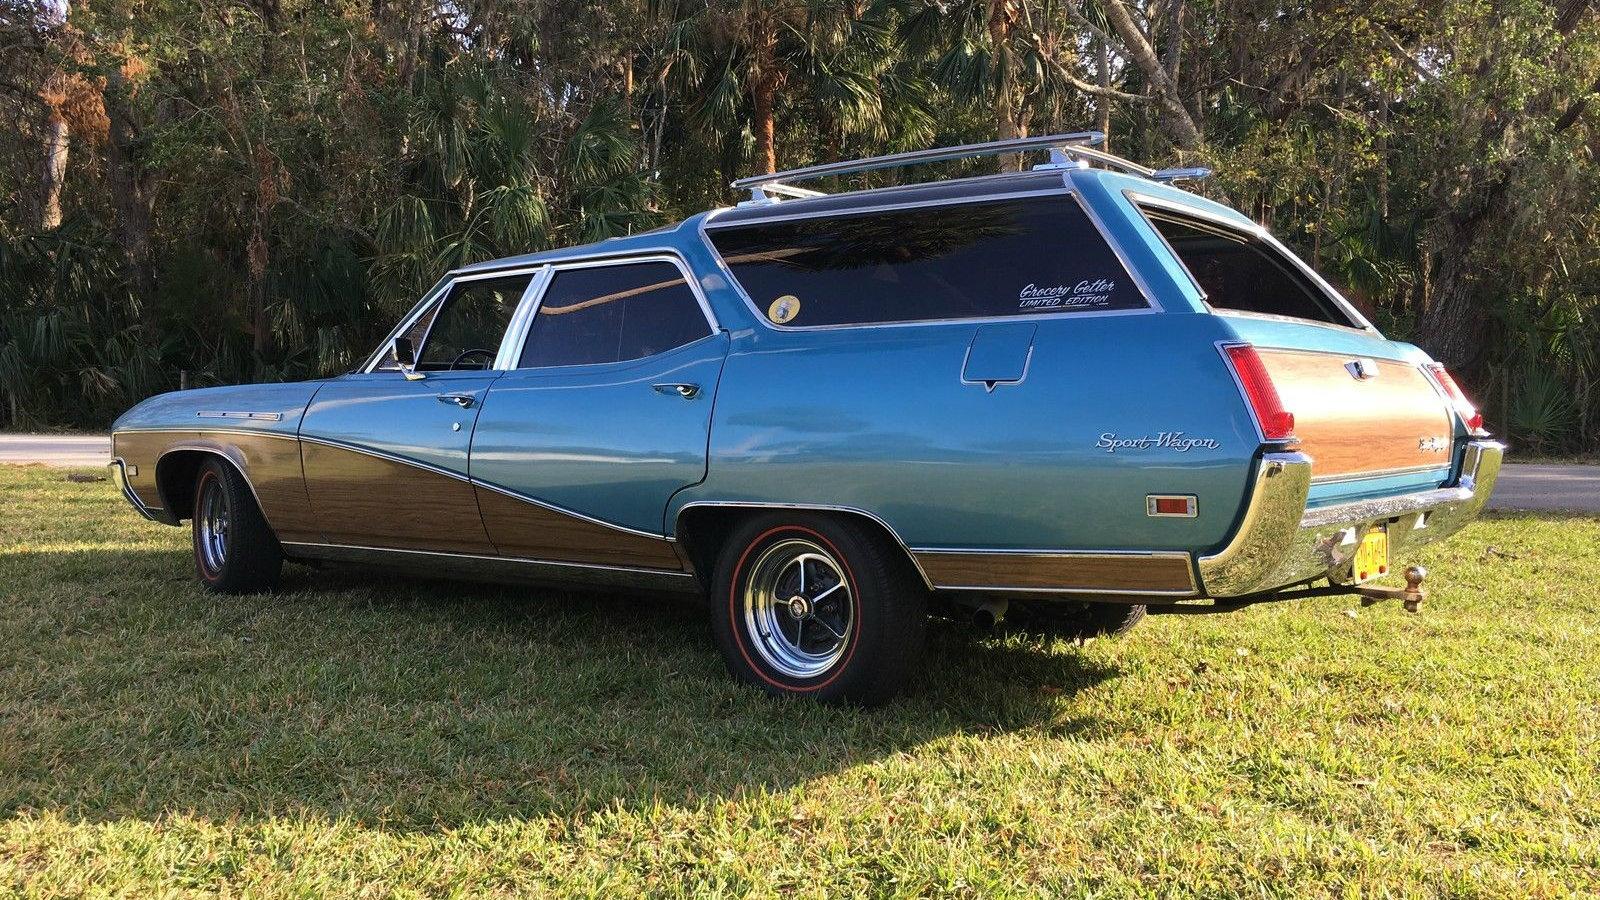 1968 Buick Sport Wagon In Sunshine